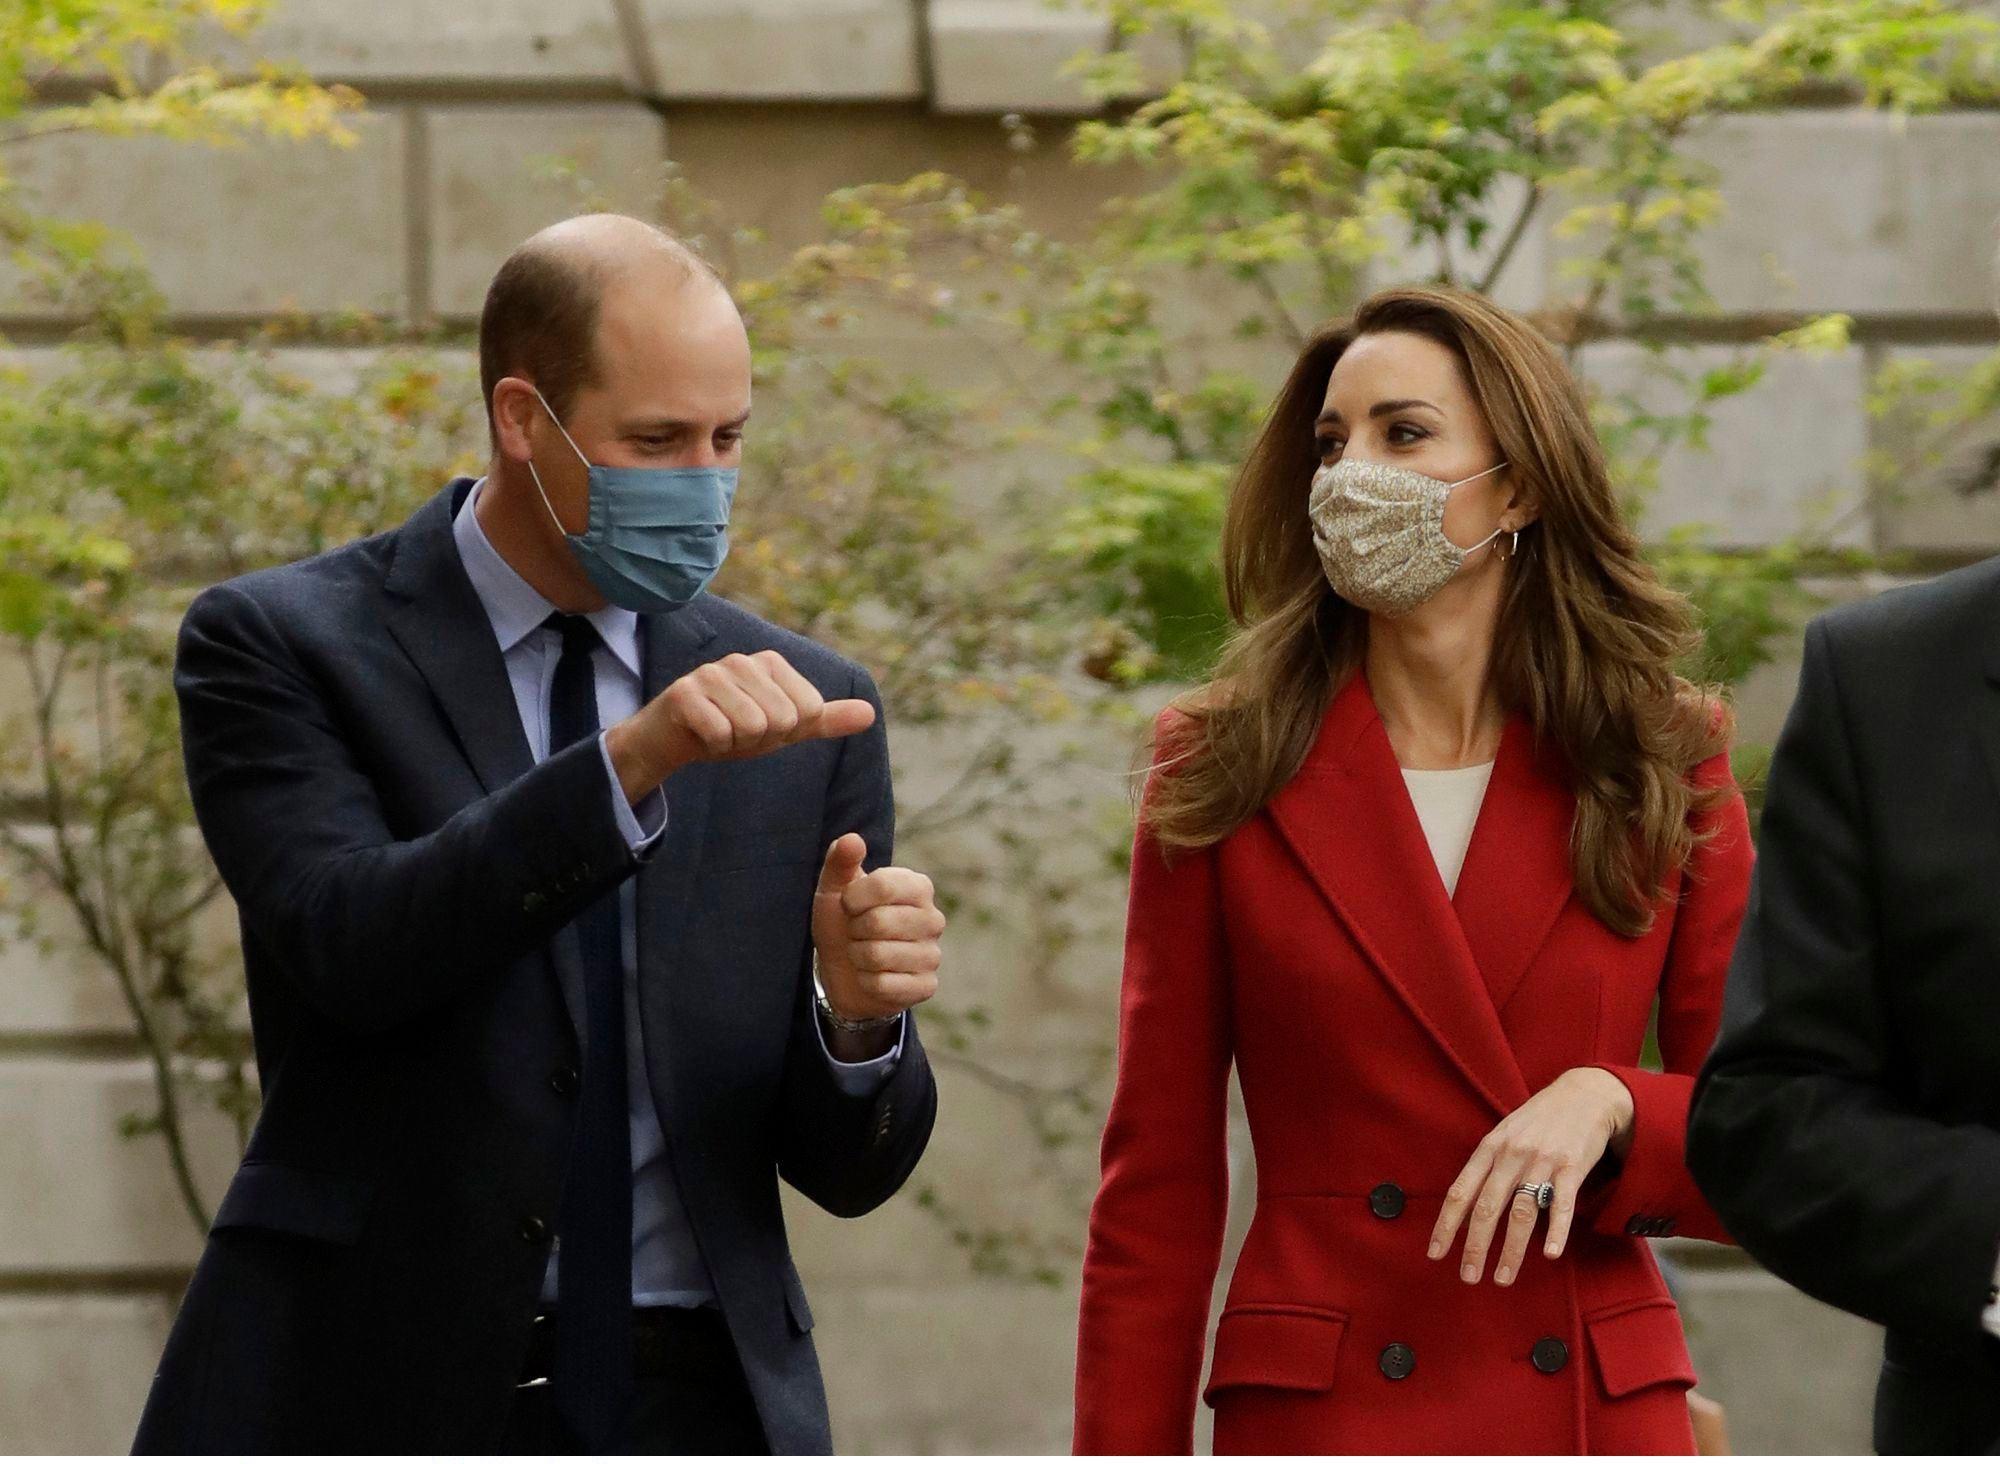 الأمير ويليام وزوجته دوقة كامبريديج كيت ميدلتون.jpg